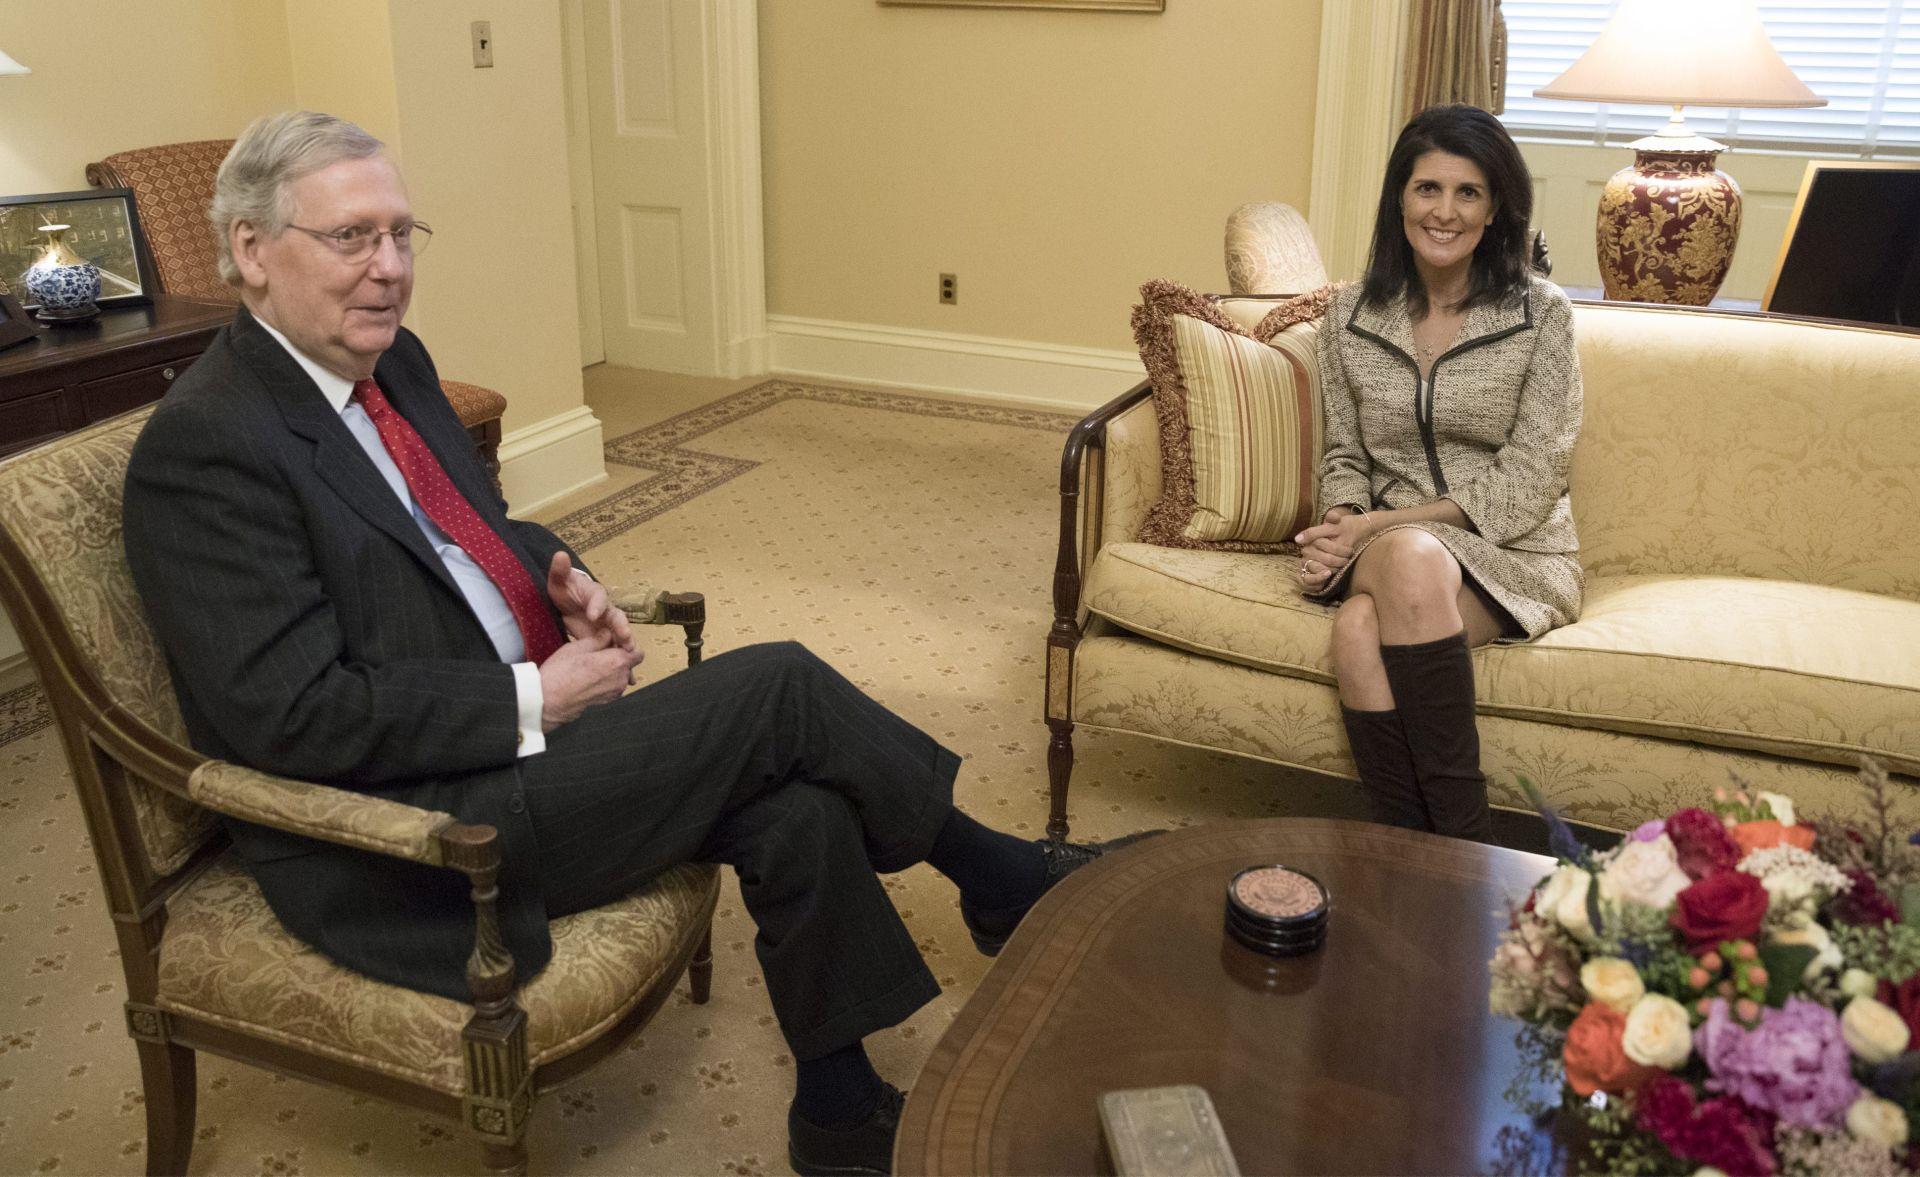 SENATSKI ODBOR: Nikki Haley za američku veleposlanicu u UN-u